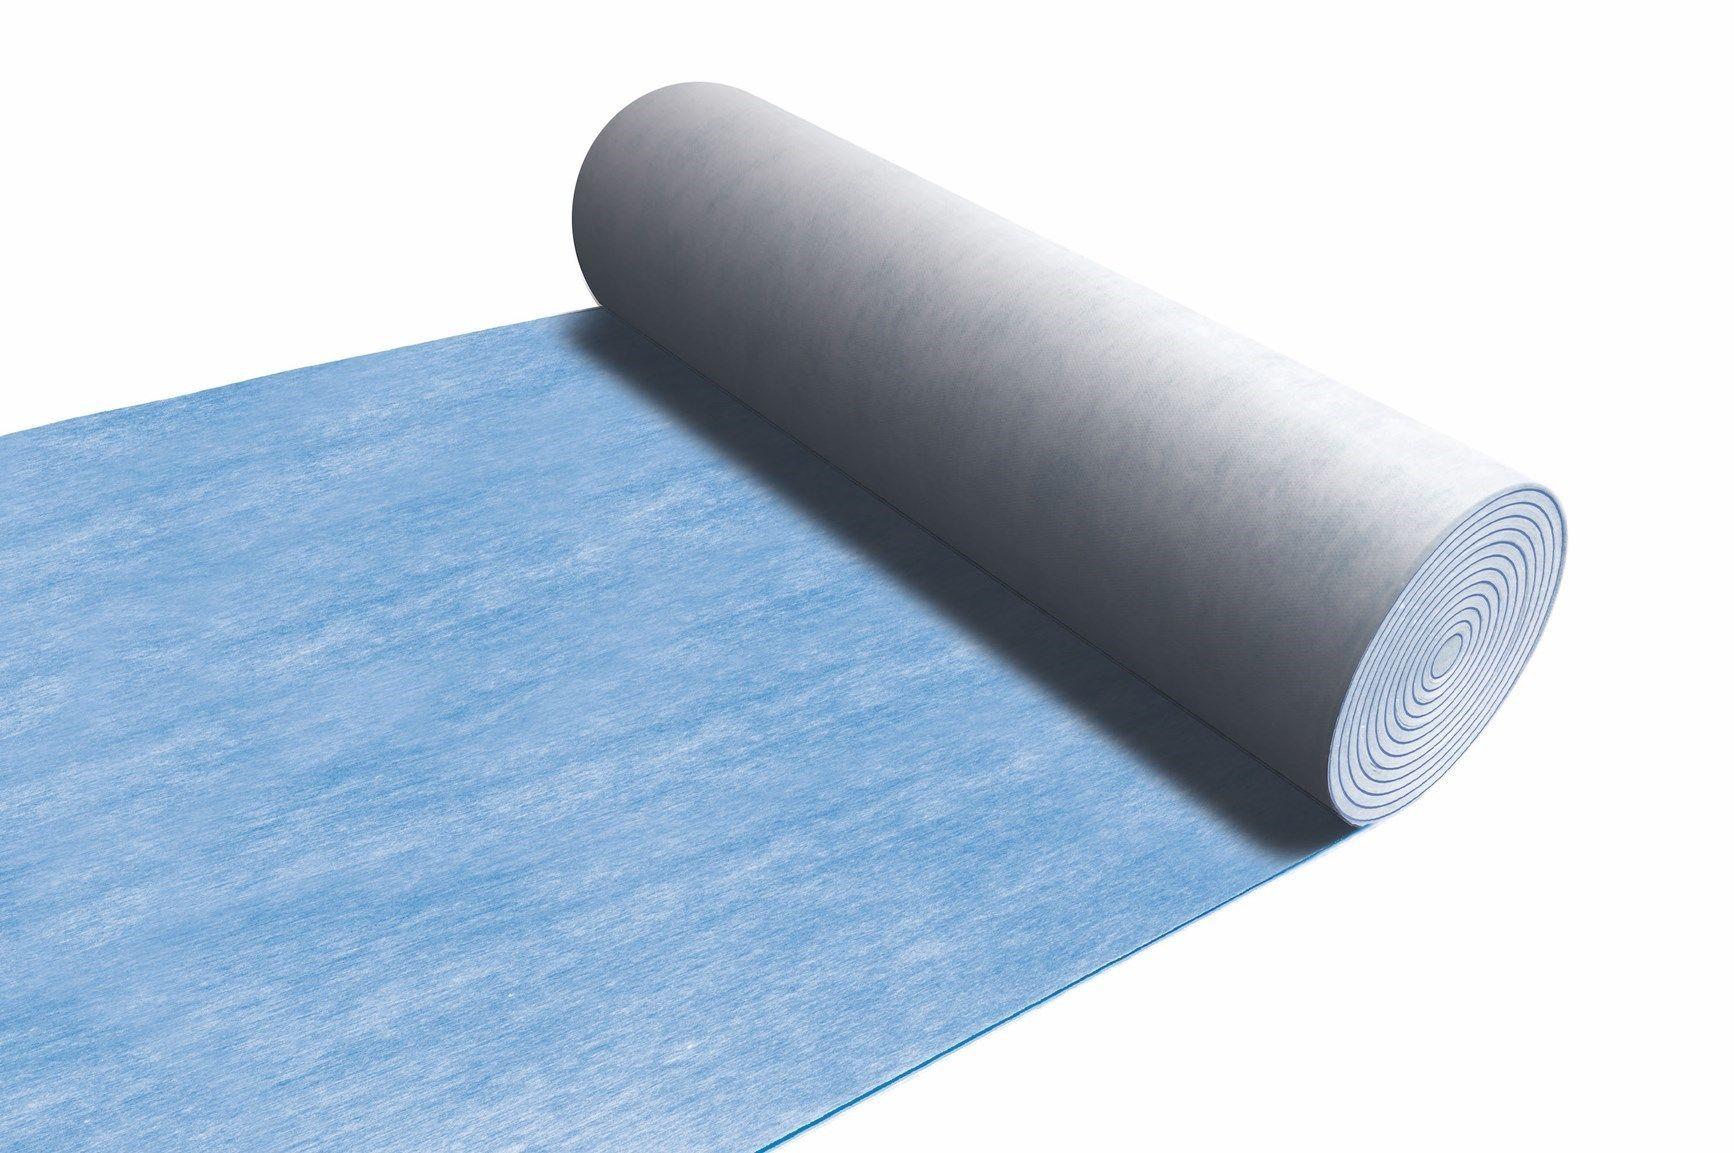 A MADE l'ampia gamma di sistemi, membrane e finiture materiche firmate PROGRESS PROFILES